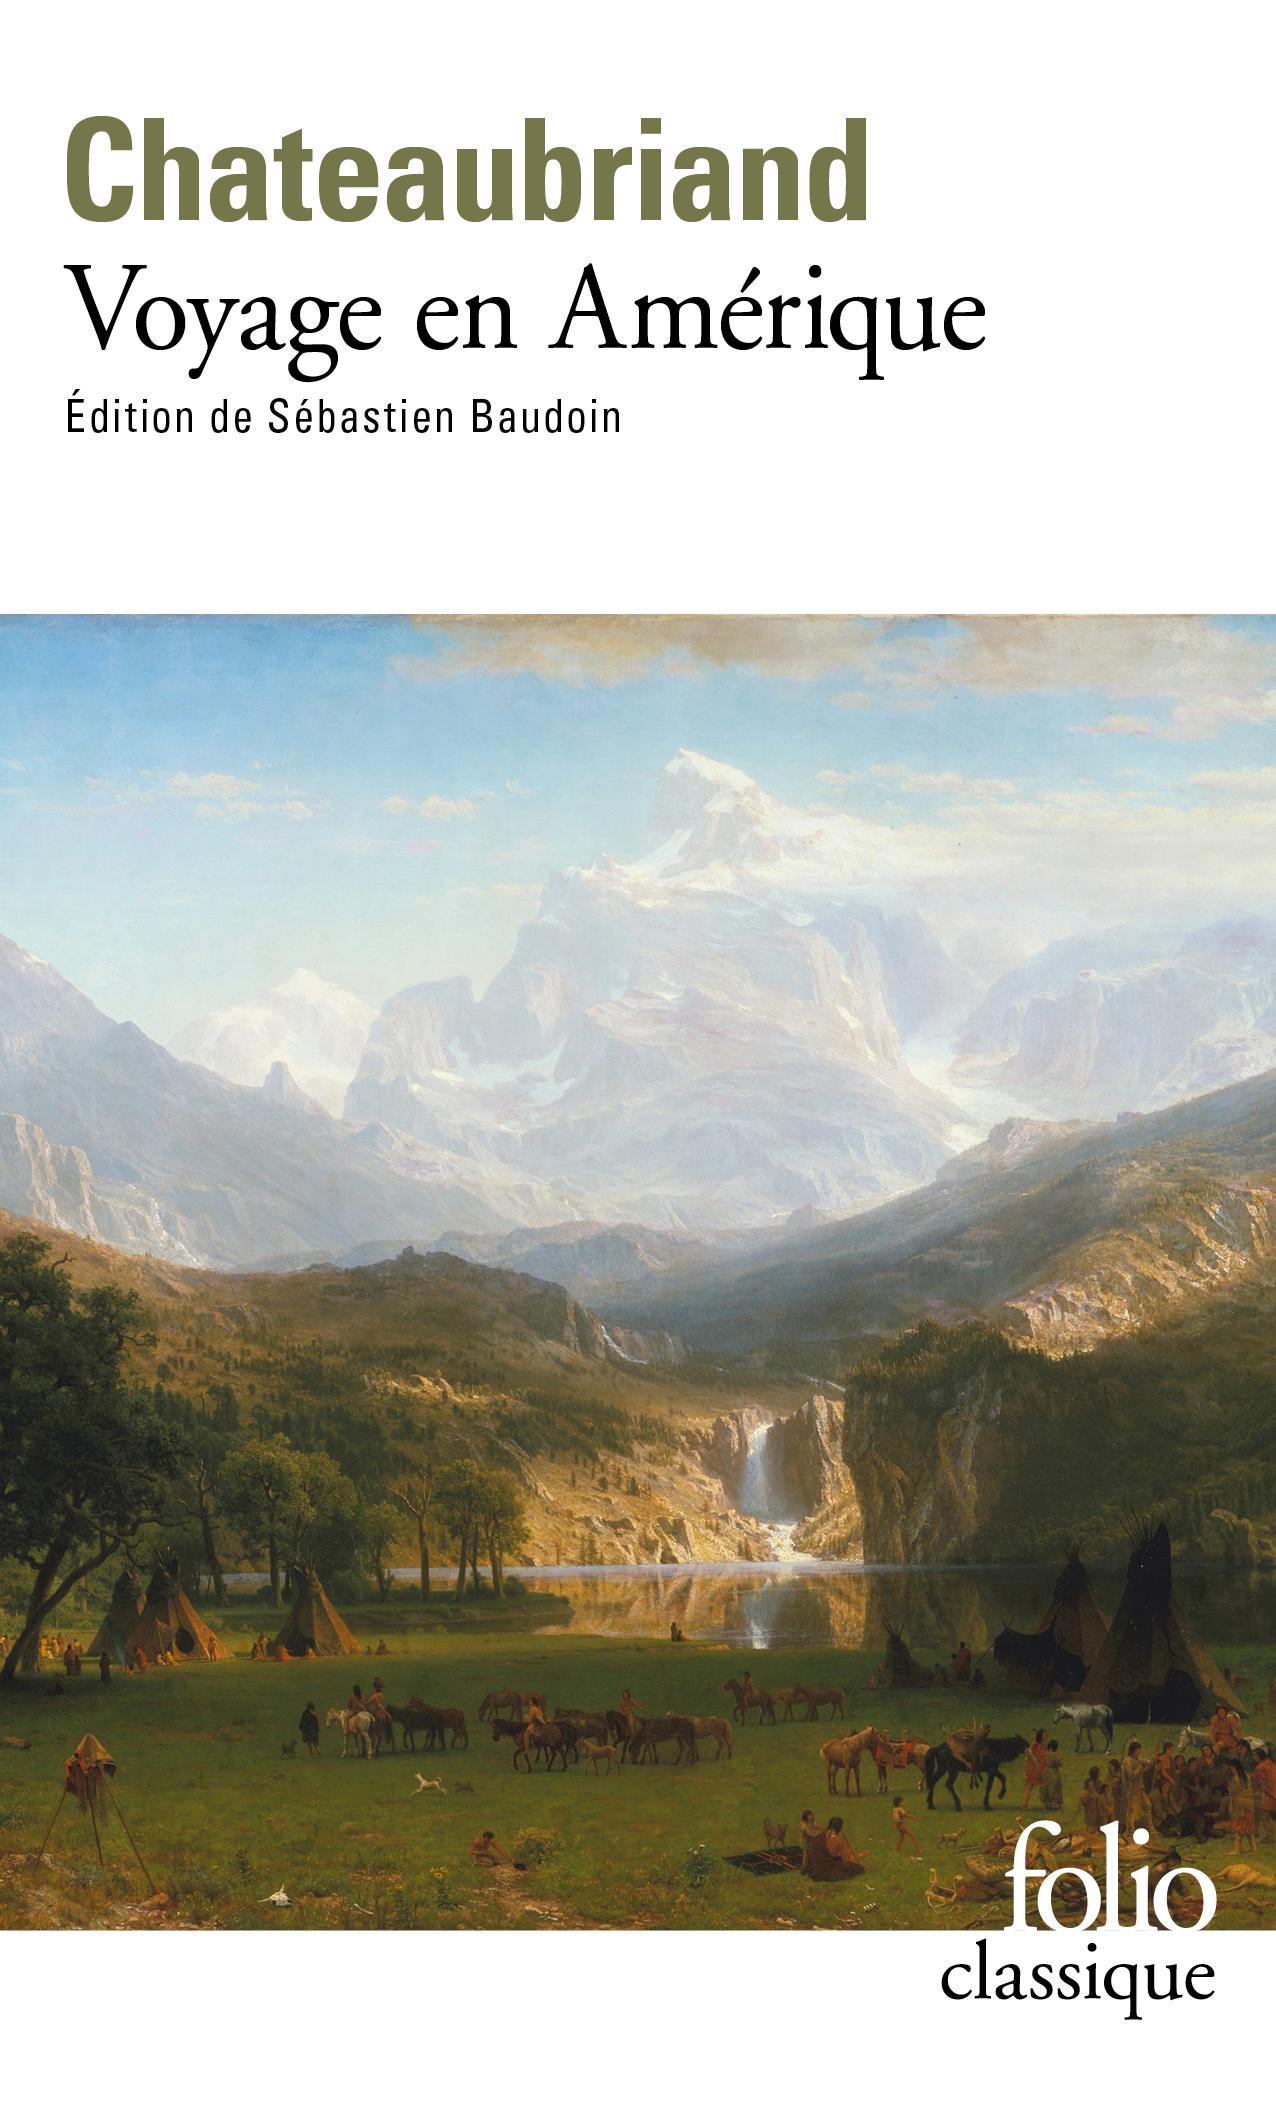 Chateaubriand, Voyage en Amérique (éd. S. Baudoin, Folio)